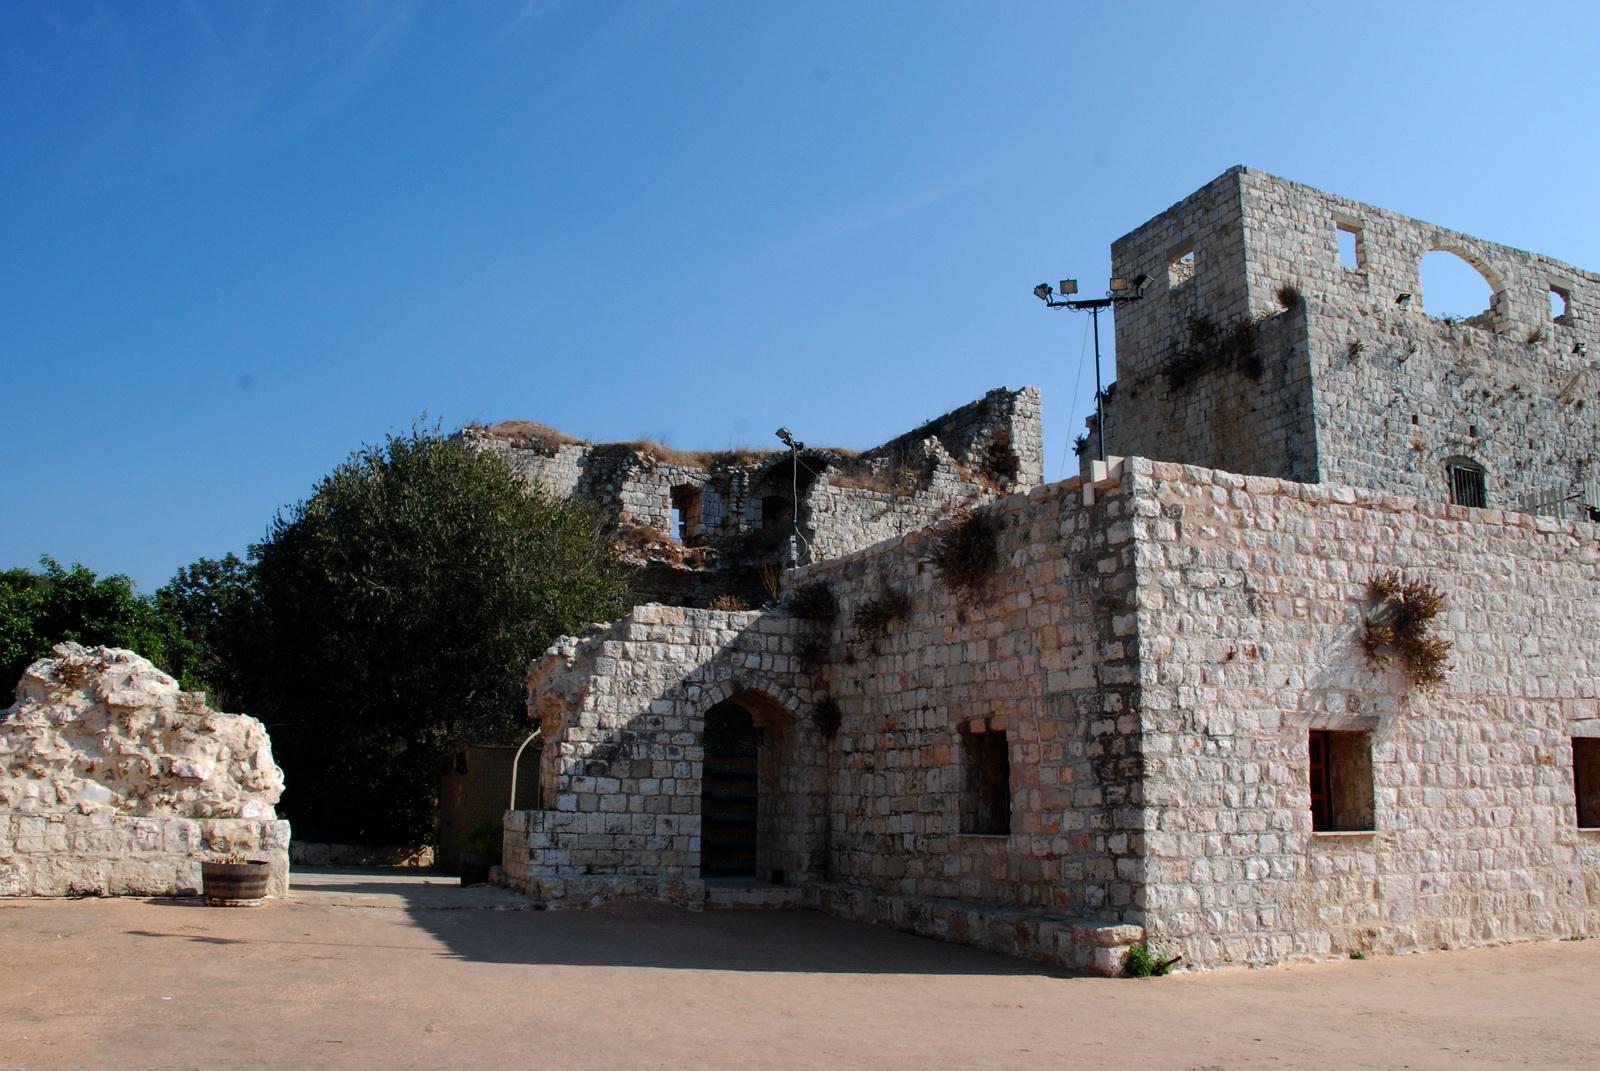 מבצר יחיעם - על גג הקומה התחתונה